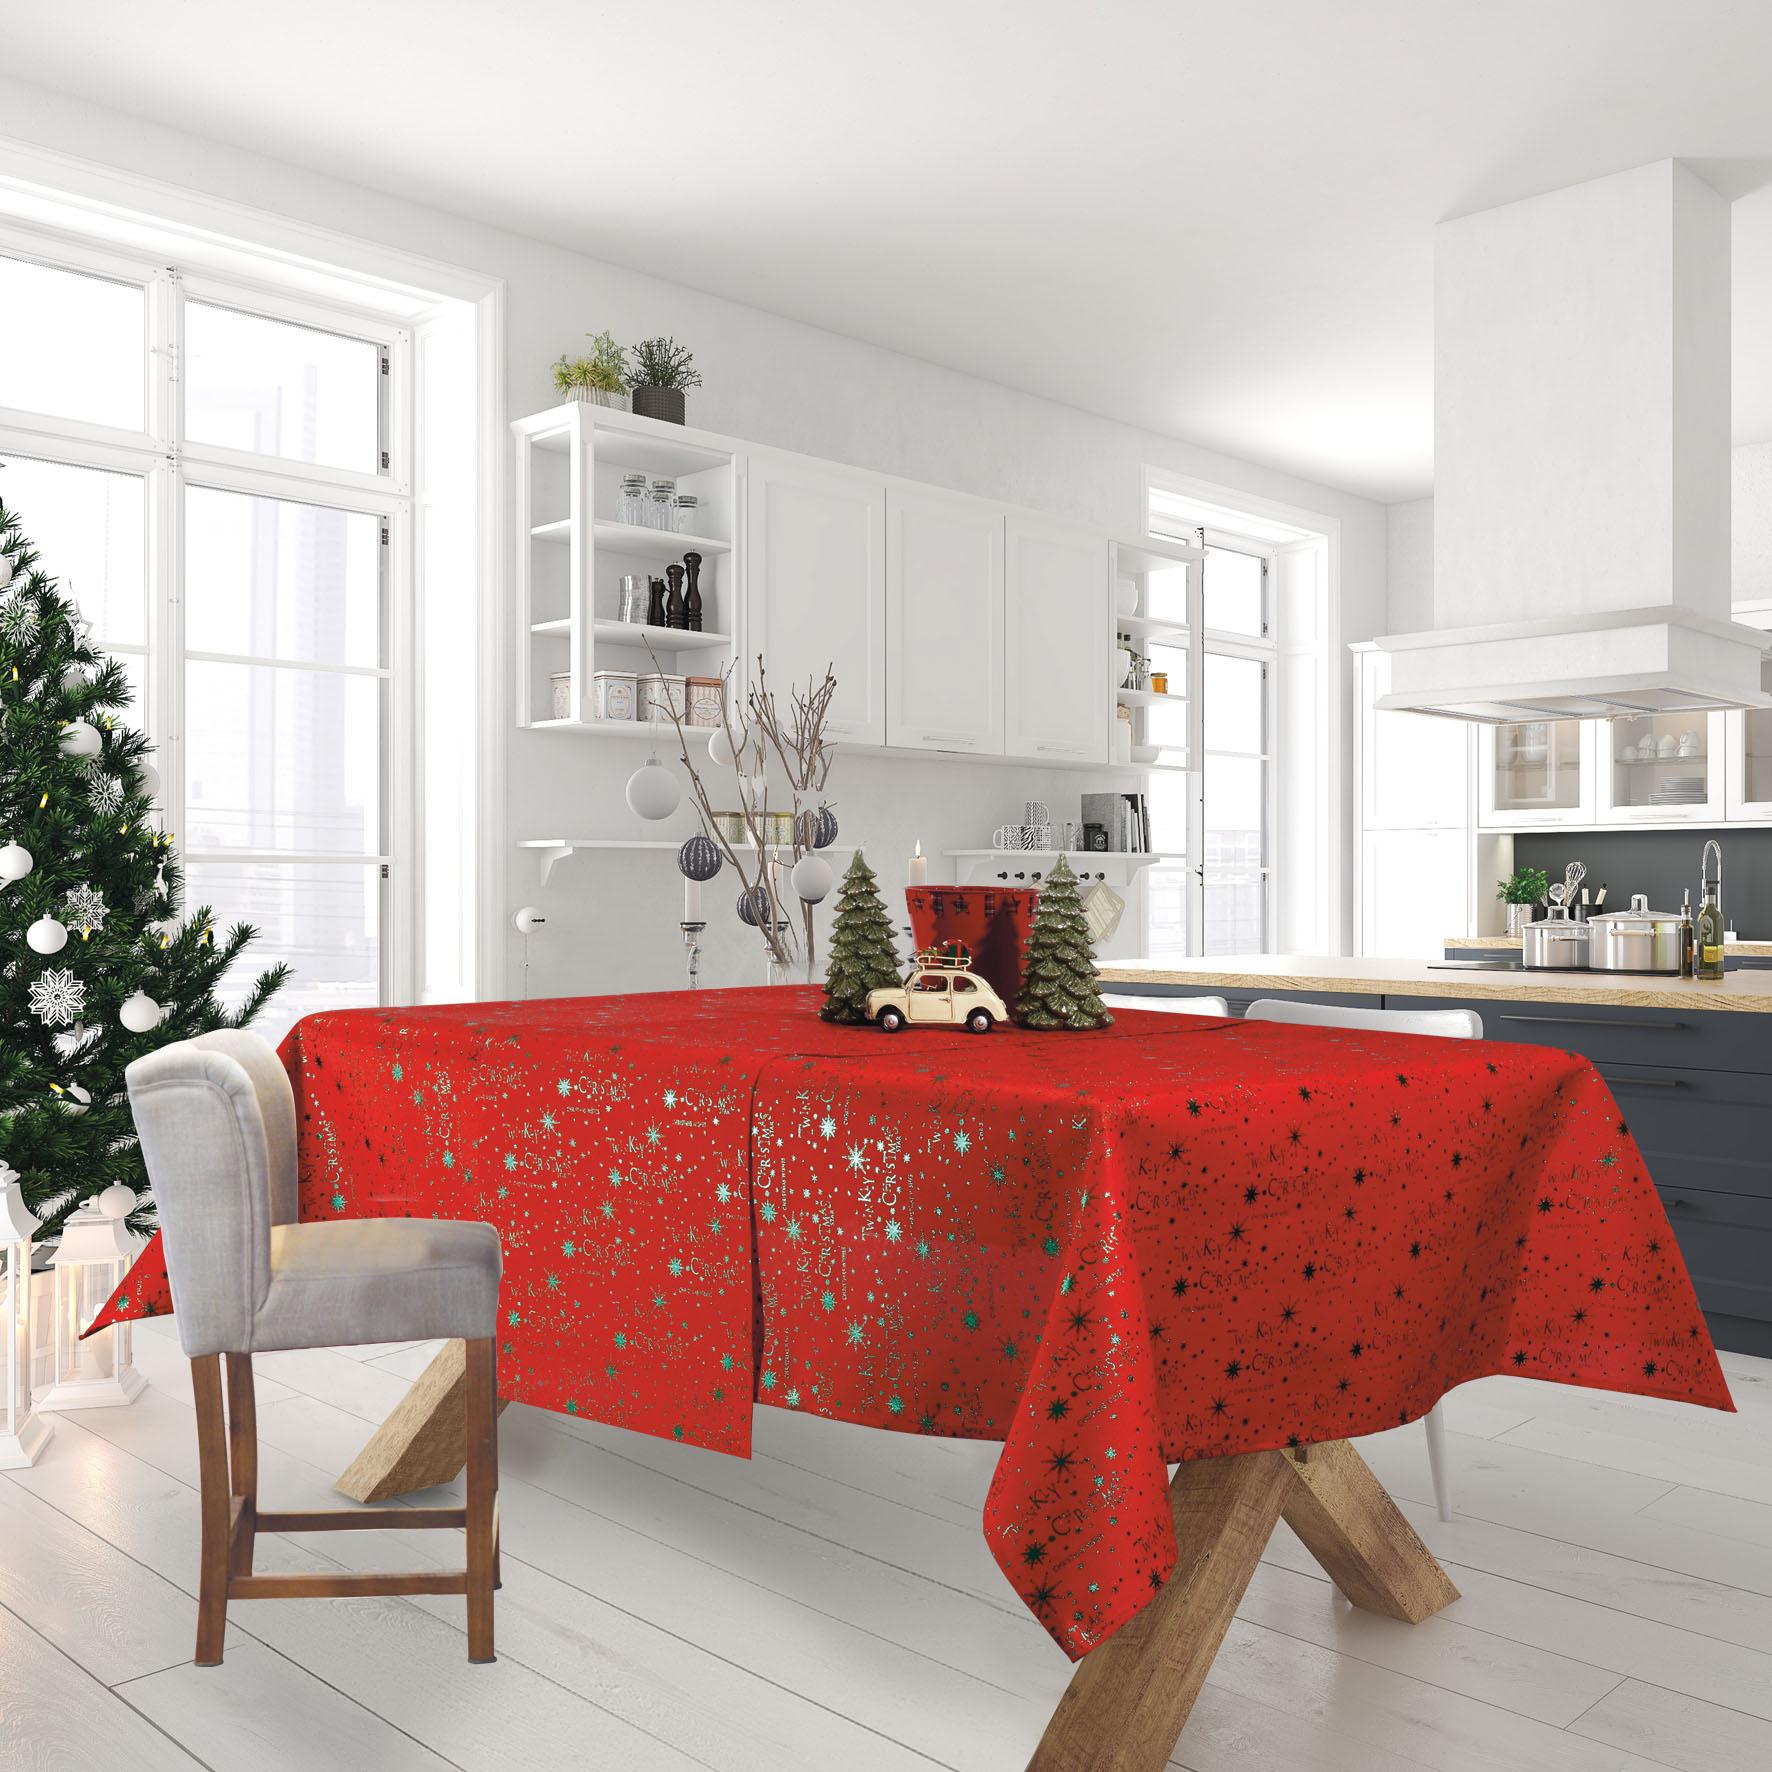 Runner CHRISTMAS KITCHEN LINE 0574 (40X140), DAS HOME εποχιακα ειδη   χριστουγεννιάτικη συλλογή   ράνερ   σουπλά χριστουγεννιάτικα